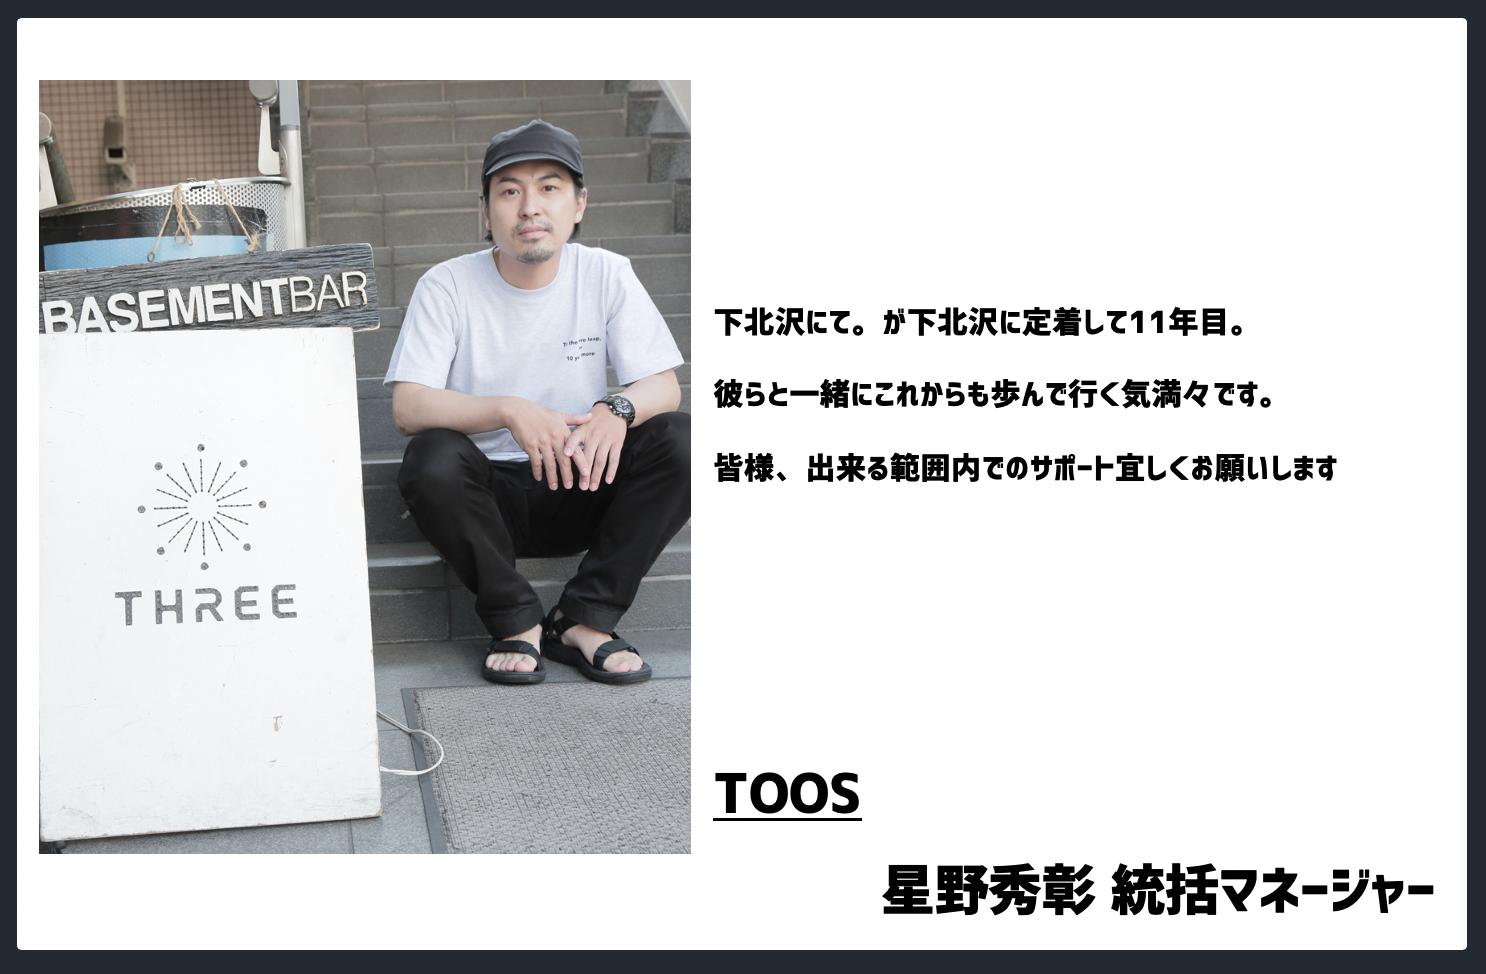 スクリーンショット_2020-05-29_20.21.16.png